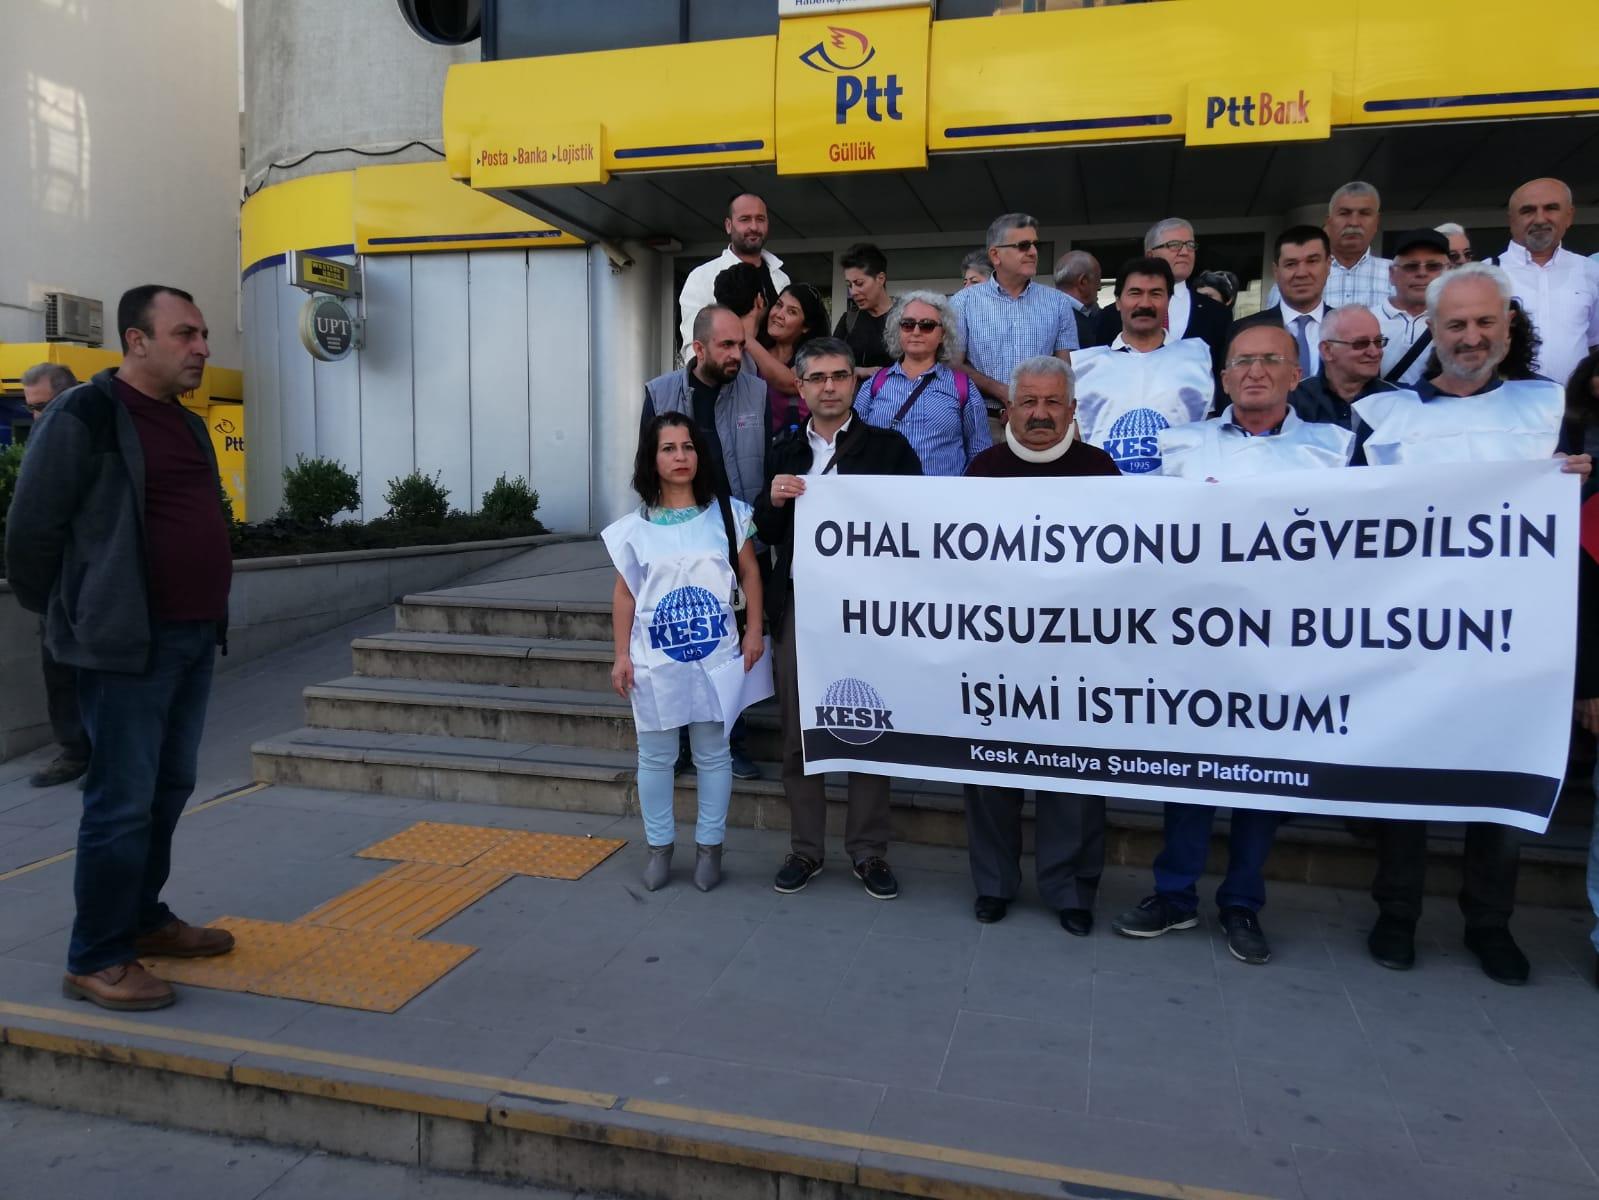 KESK Antalya Şubeler Platformu'ndan Faks Eylemi: OHAL İnceleme Komisyonu Lağvedilip Hukuksal Süreç Başlatılsın